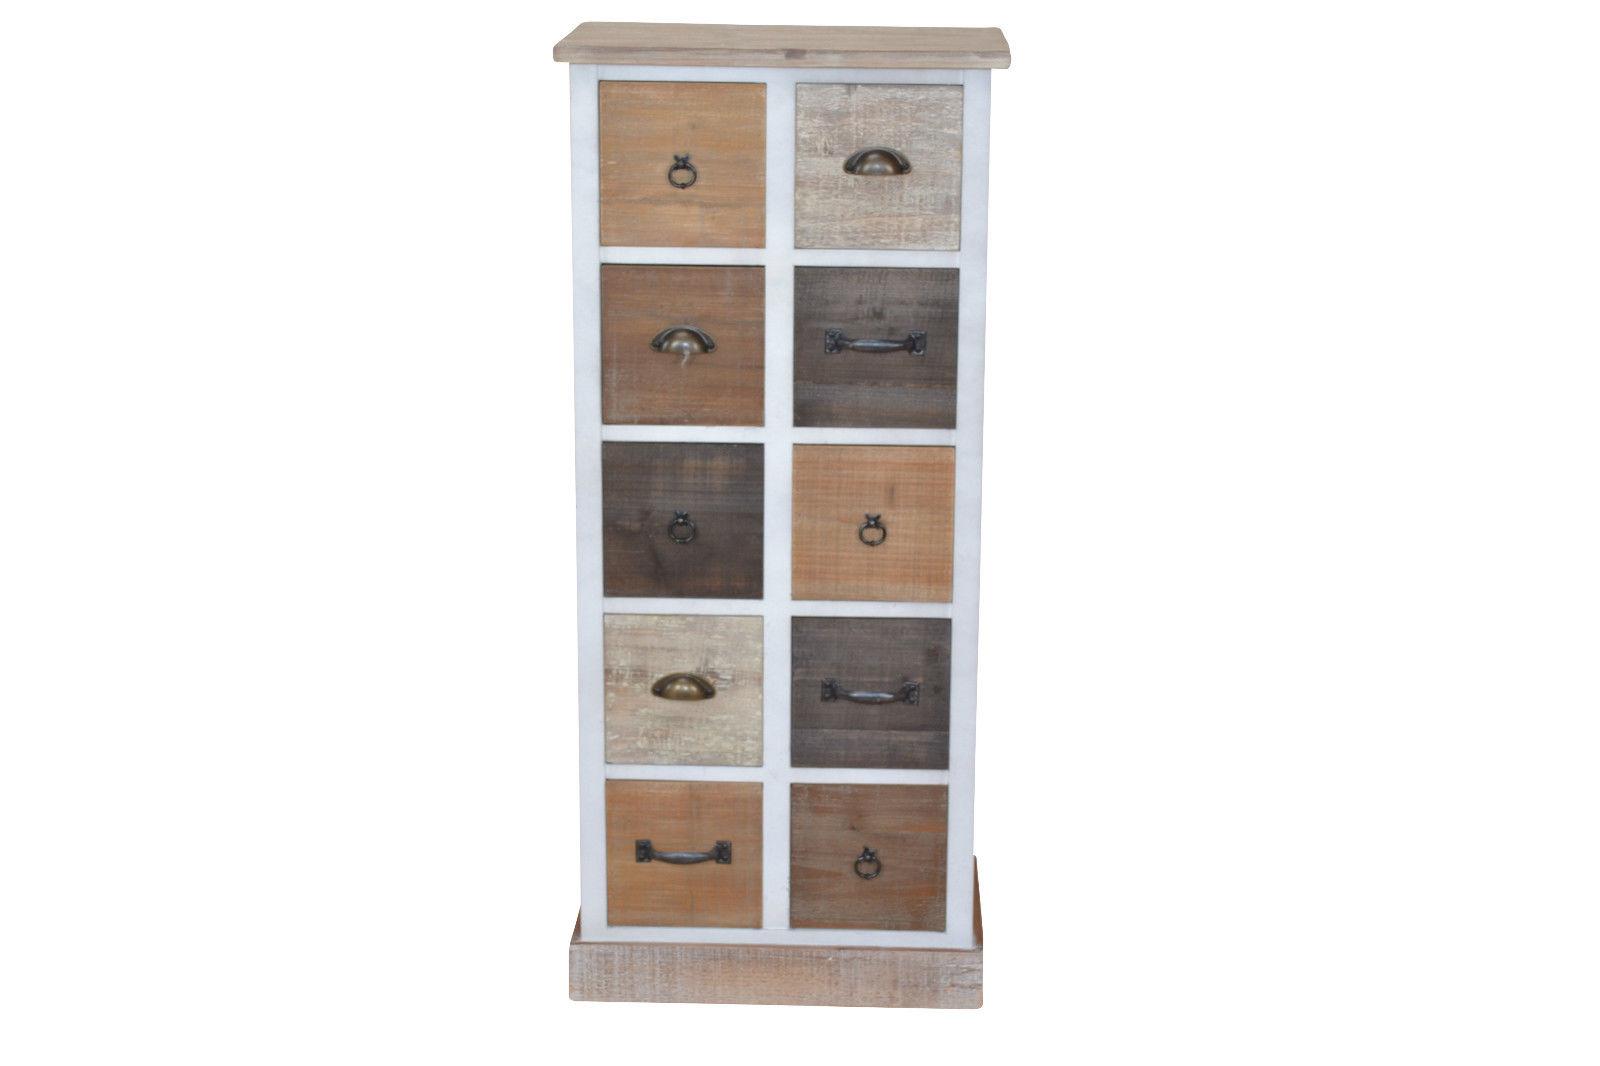 schubkastenkommode antik wei anrichte kommode sideboard 10 schub sten massiv kaufen bei go. Black Bedroom Furniture Sets. Home Design Ideas